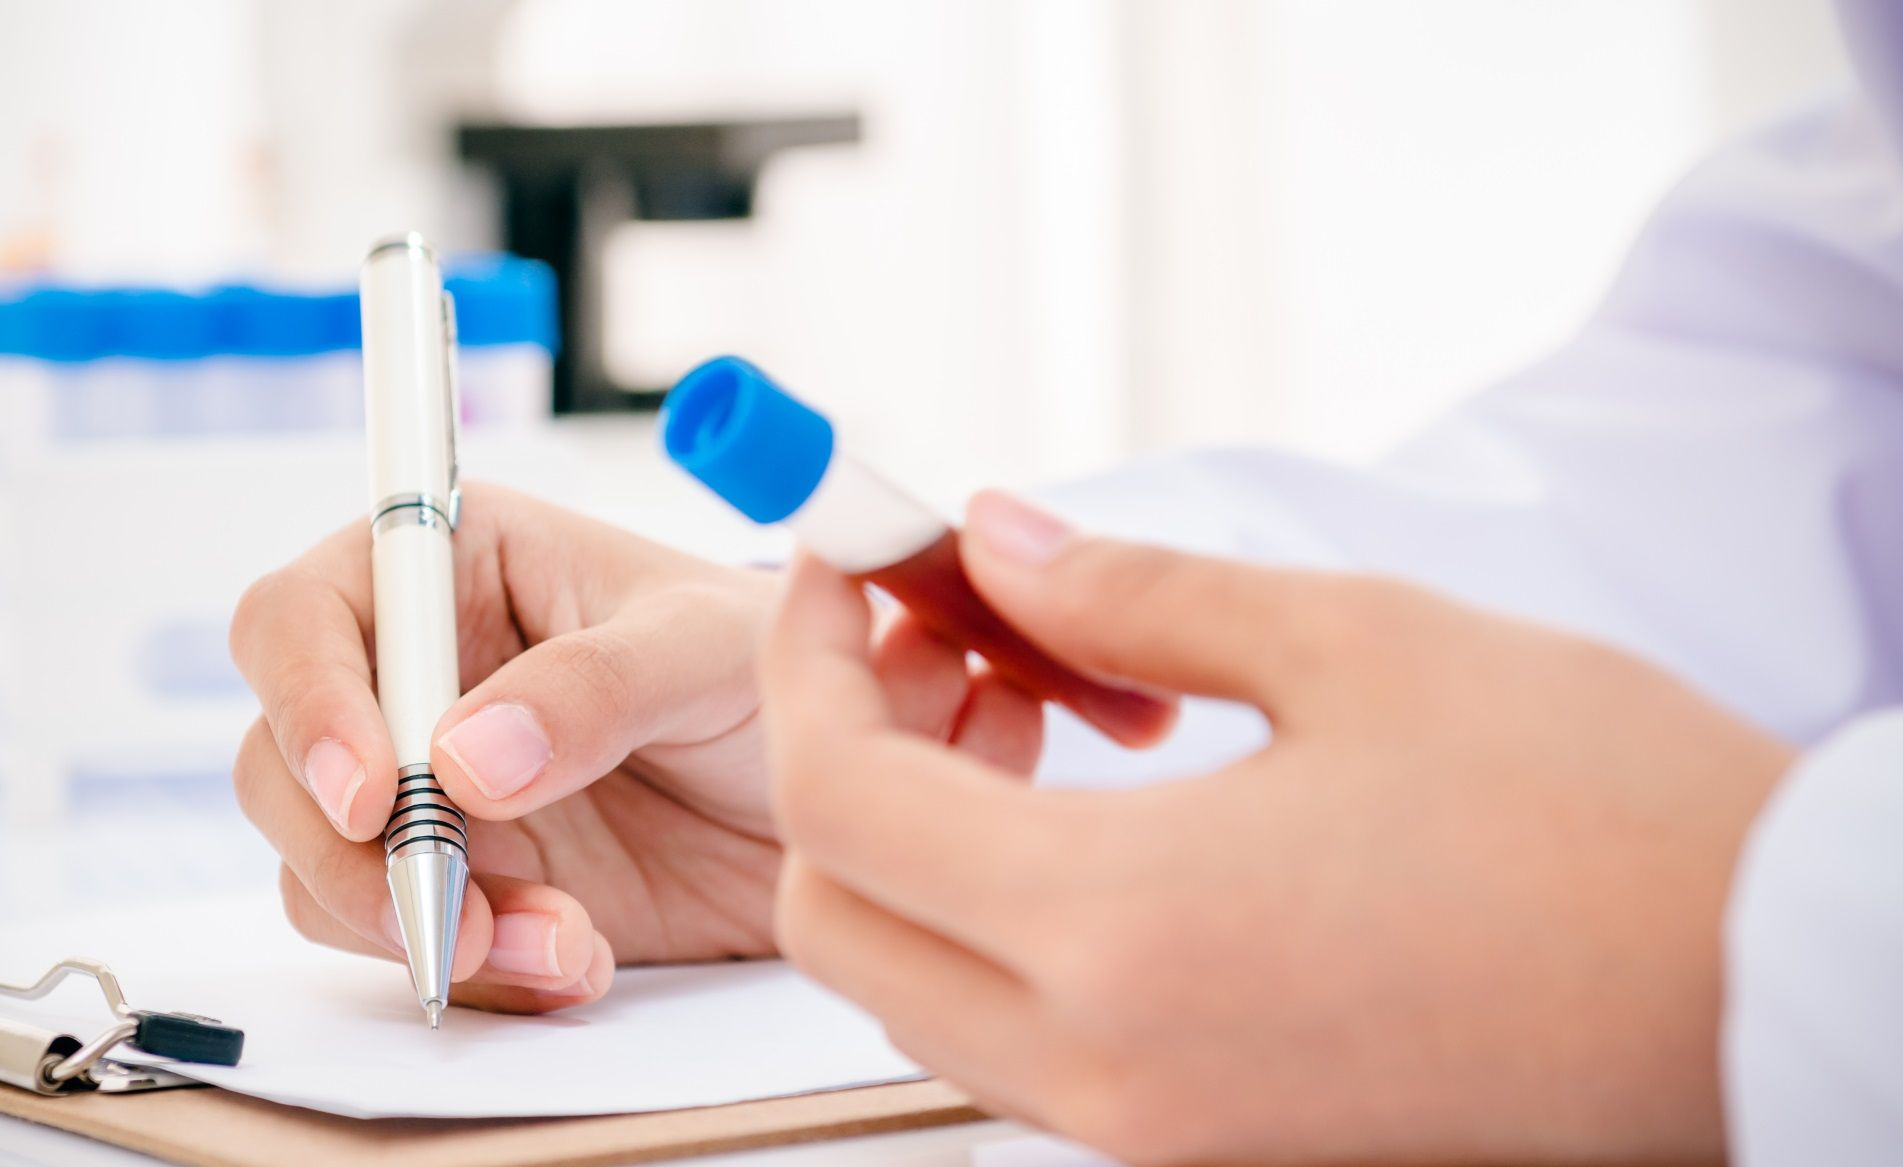 Các dấu ấn ung thư thường được tìm thấy trong máu người mắc bệnh ung thư